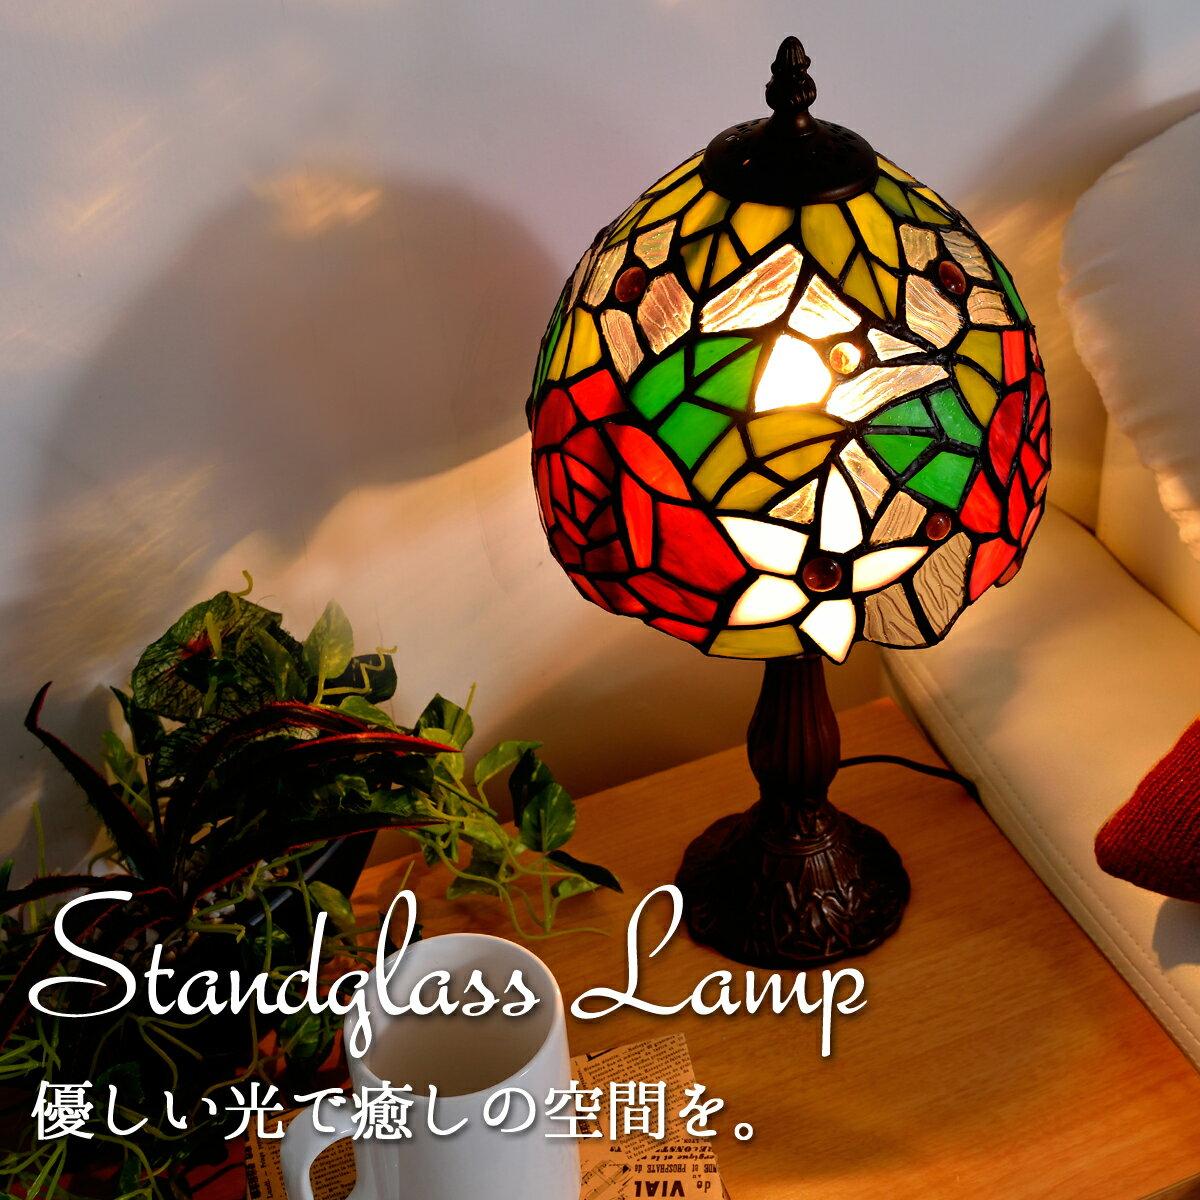 光の芸術!あたたかい光で優しく癒します 癒しのステンドランプ バイオレットローズST-2805B4 お祝い事やイベント・プレゼントにも最適 ステンドライト ステンドグラスランプ【tk】(K-0403200)